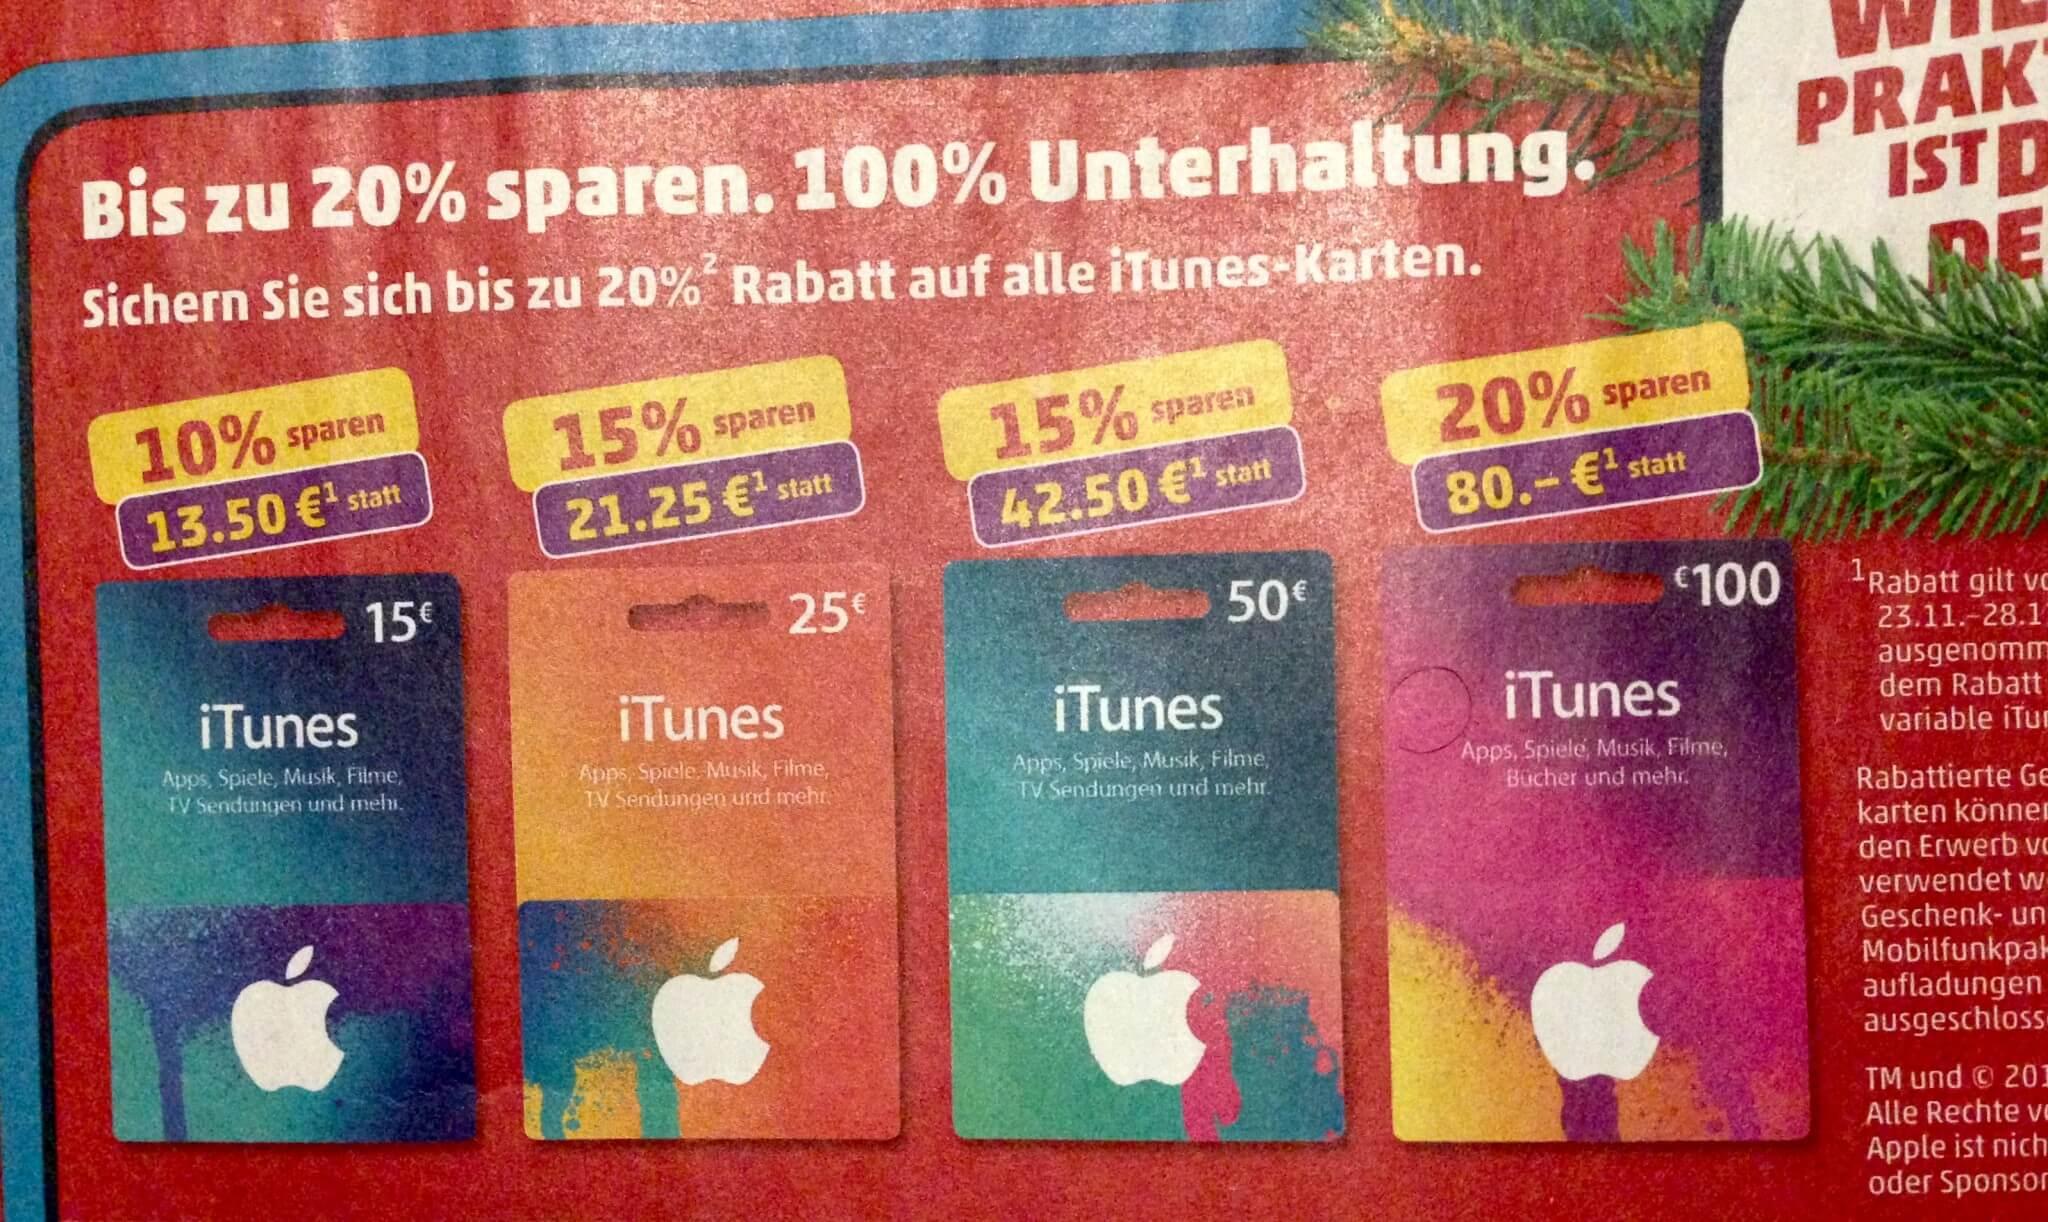 iTunes-Guthabenkarten im Angebot bei Penny (aus Penny-Prospekt)